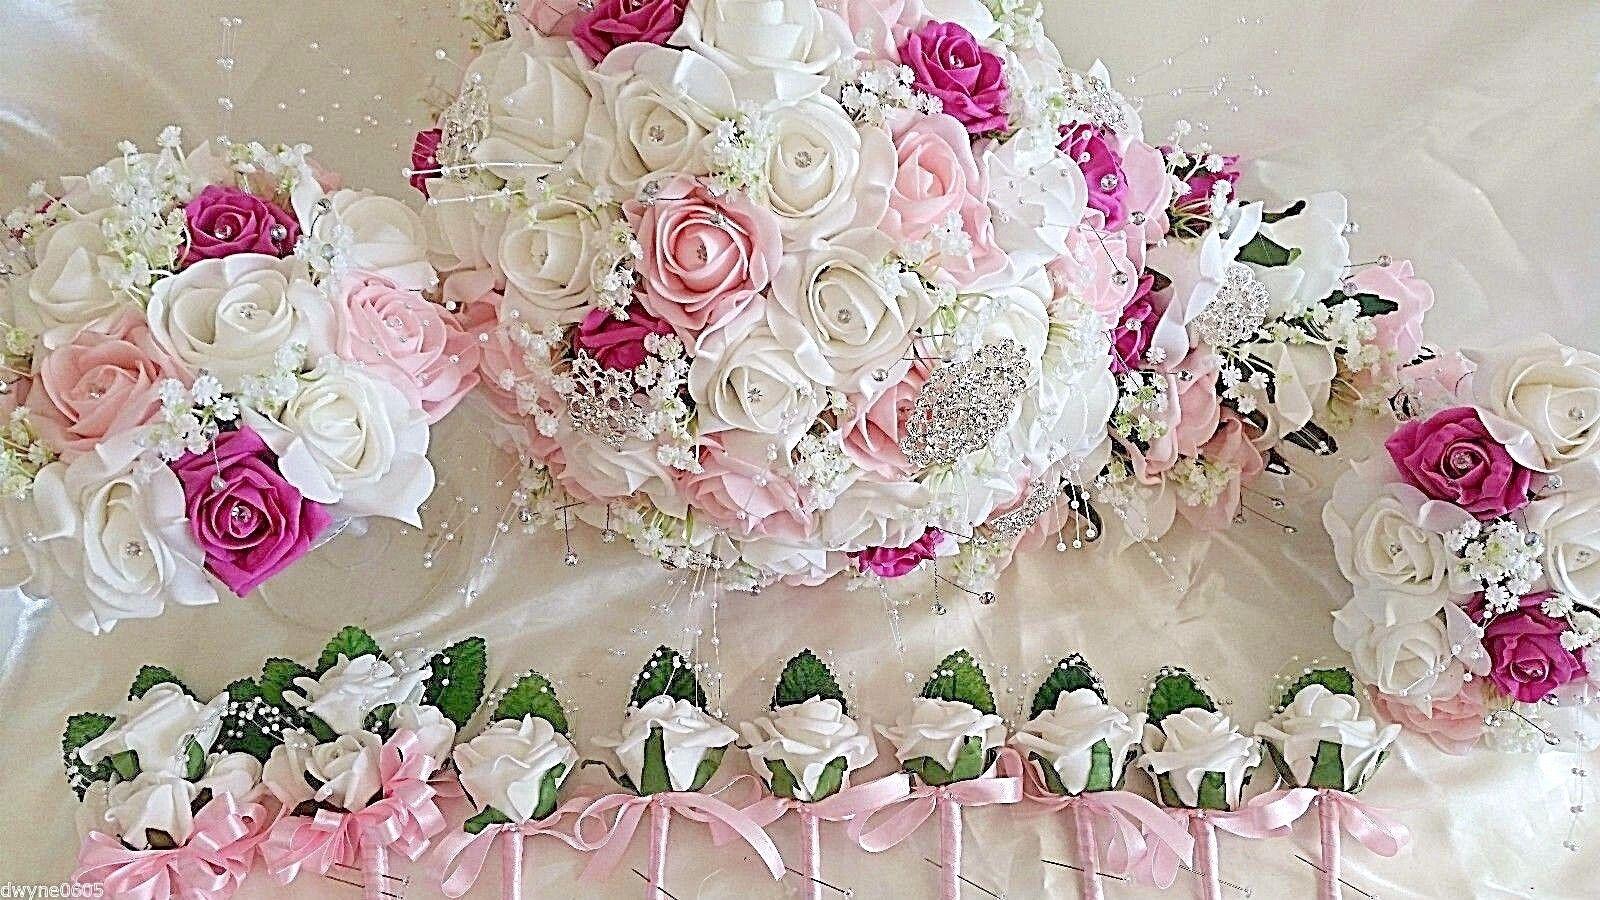 Mariage Bouquet de fleurs Larme demoiselles d'honneur boutonnières Lumière Rose Foncé & Blanc